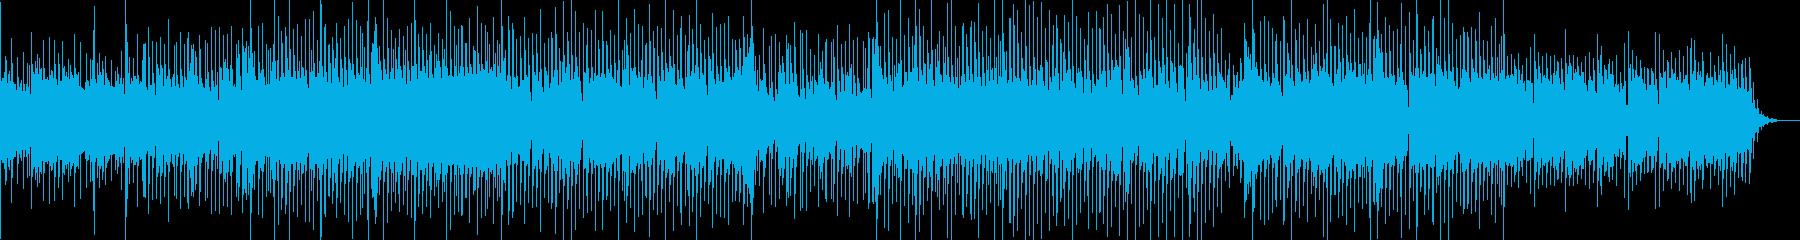 明るくて優しい感じのBGMの再生済みの波形